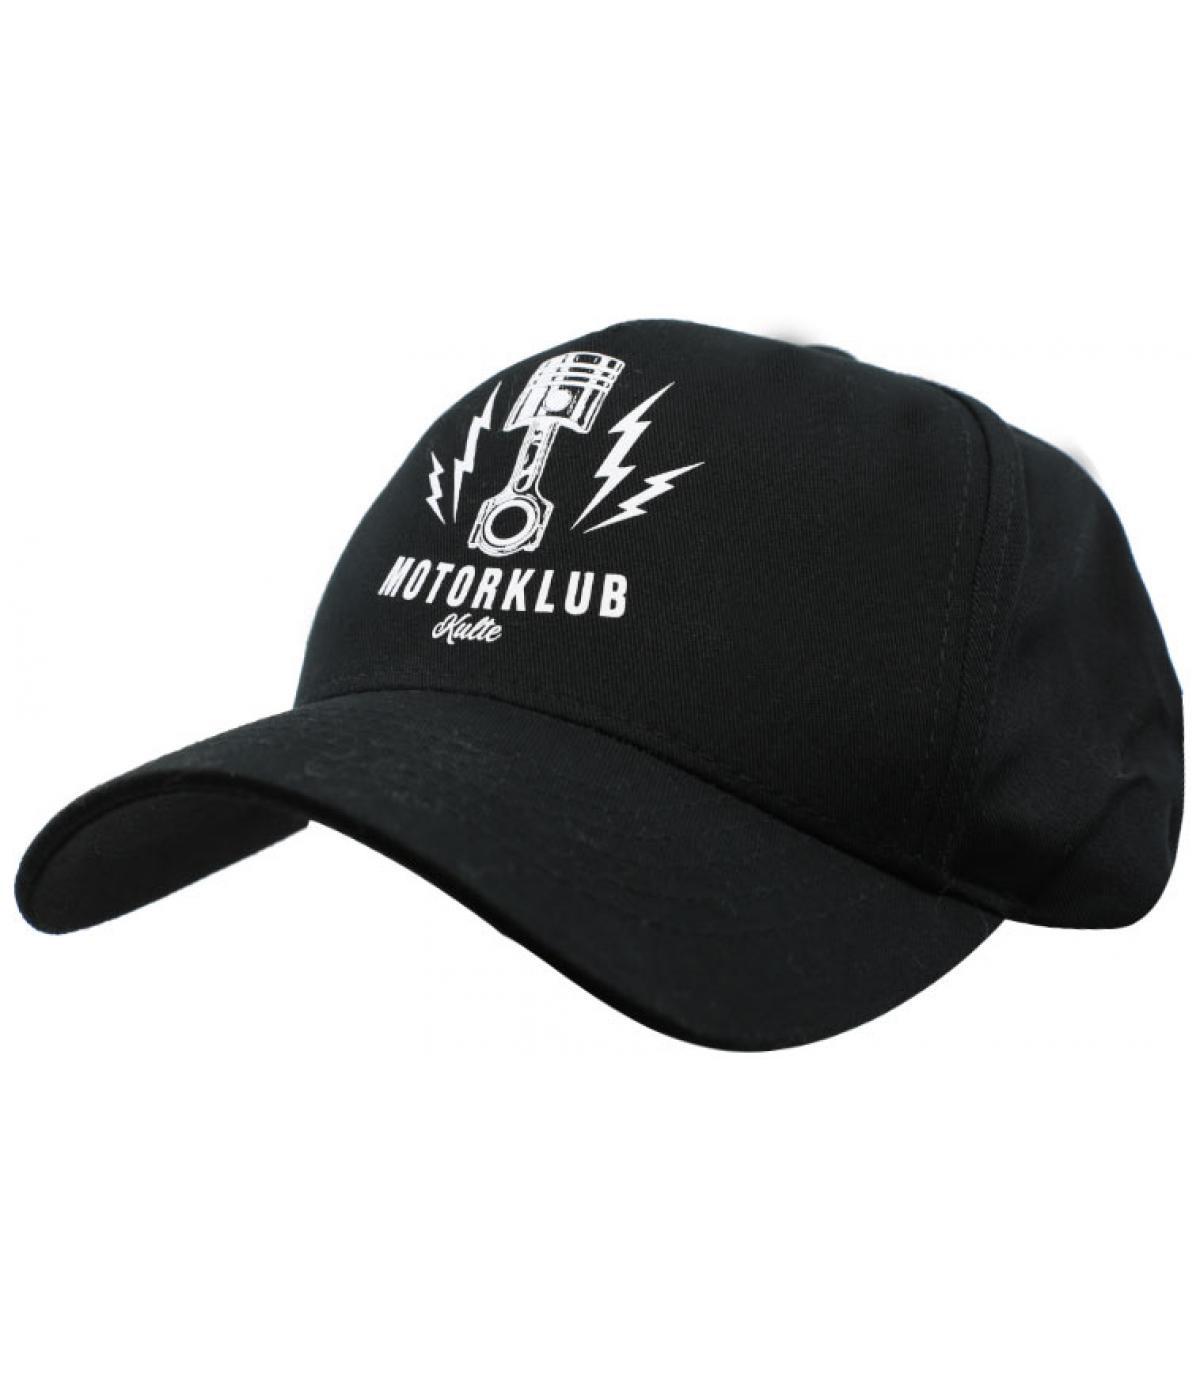 Détails Motorklub black - image 2